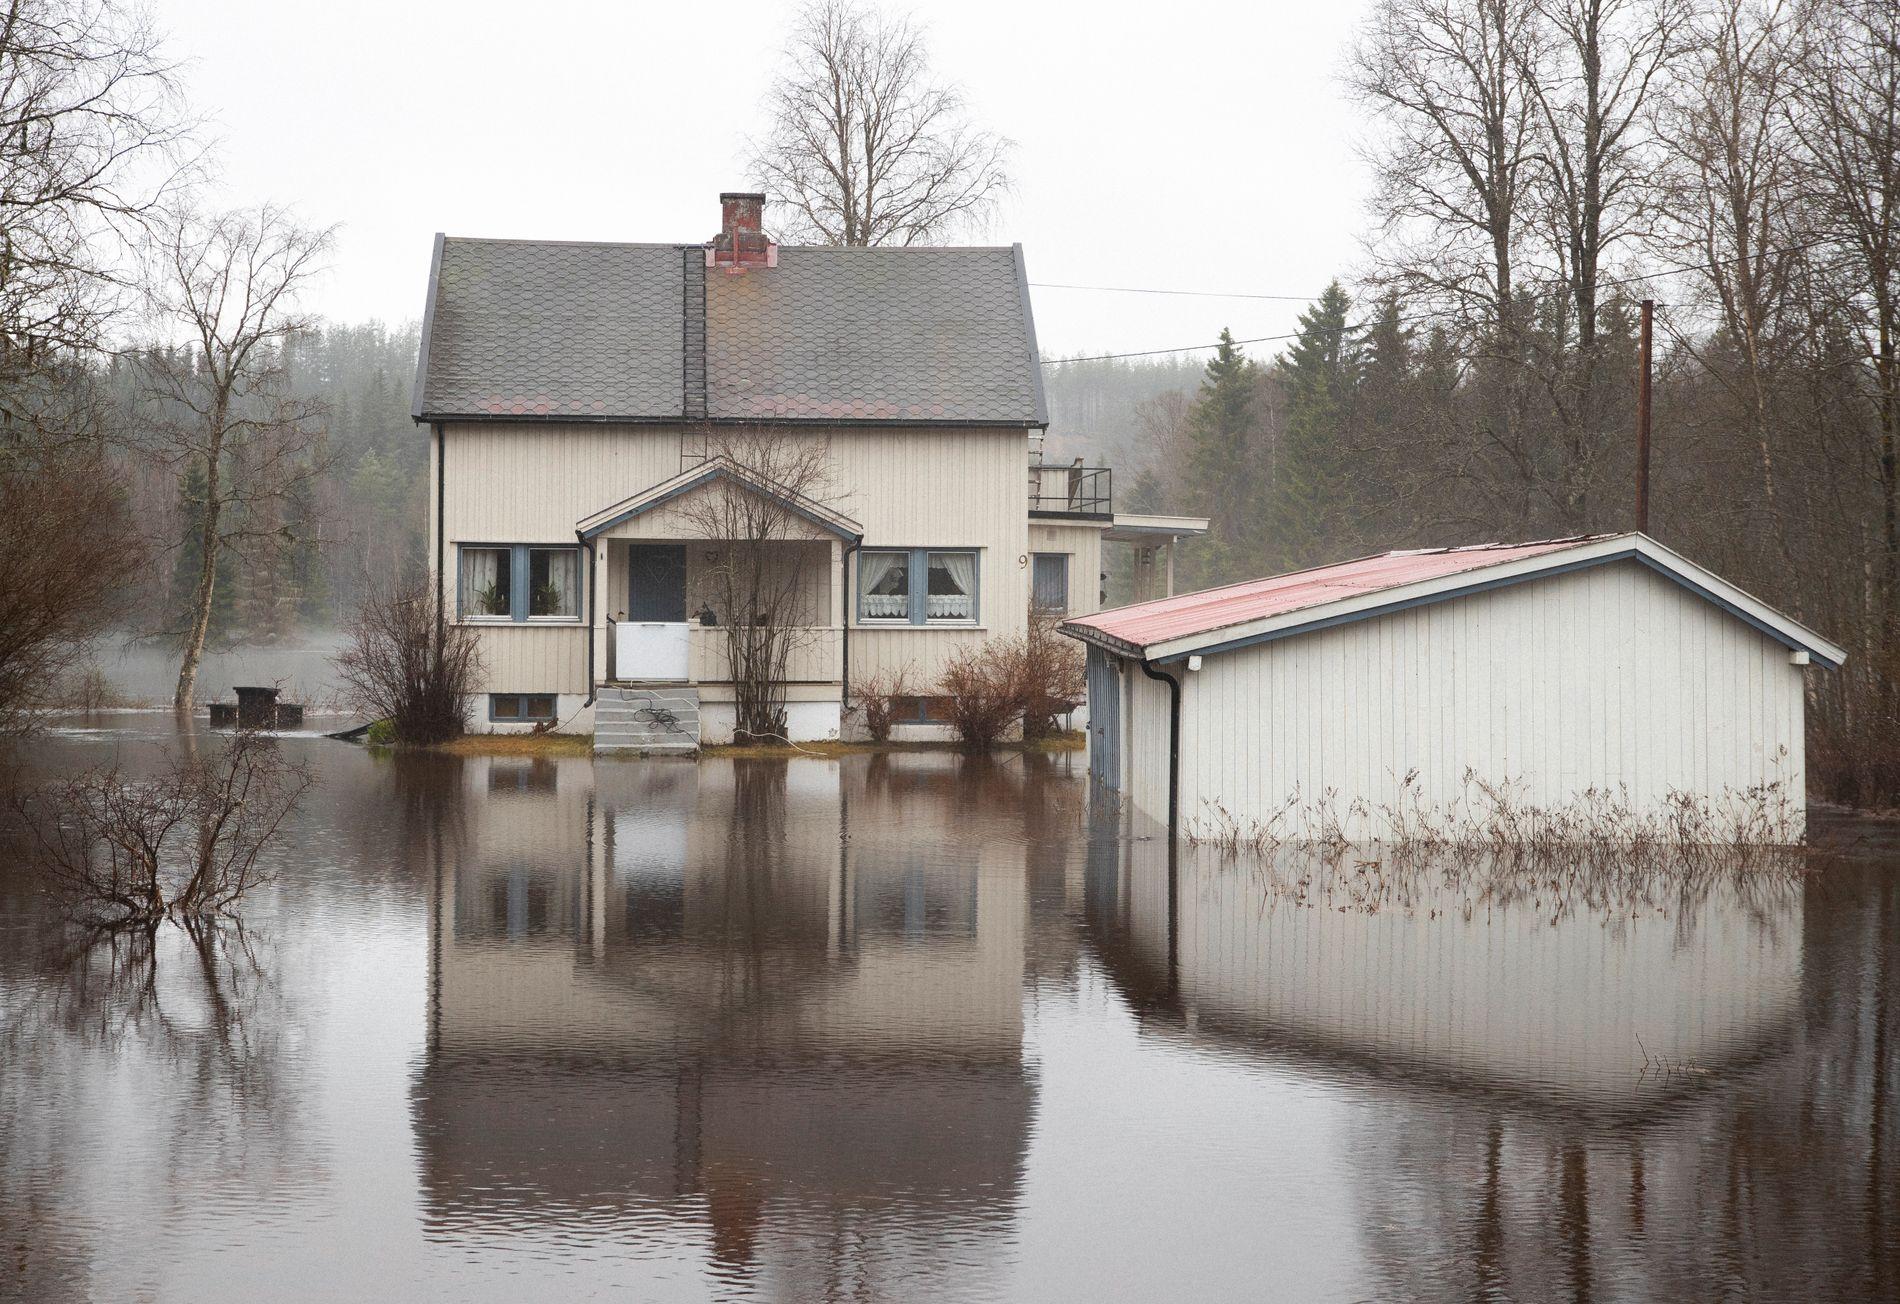 OMRINGET AV VANN: Huset til Thor Lindseth i Nybergsund er omringet av vann.